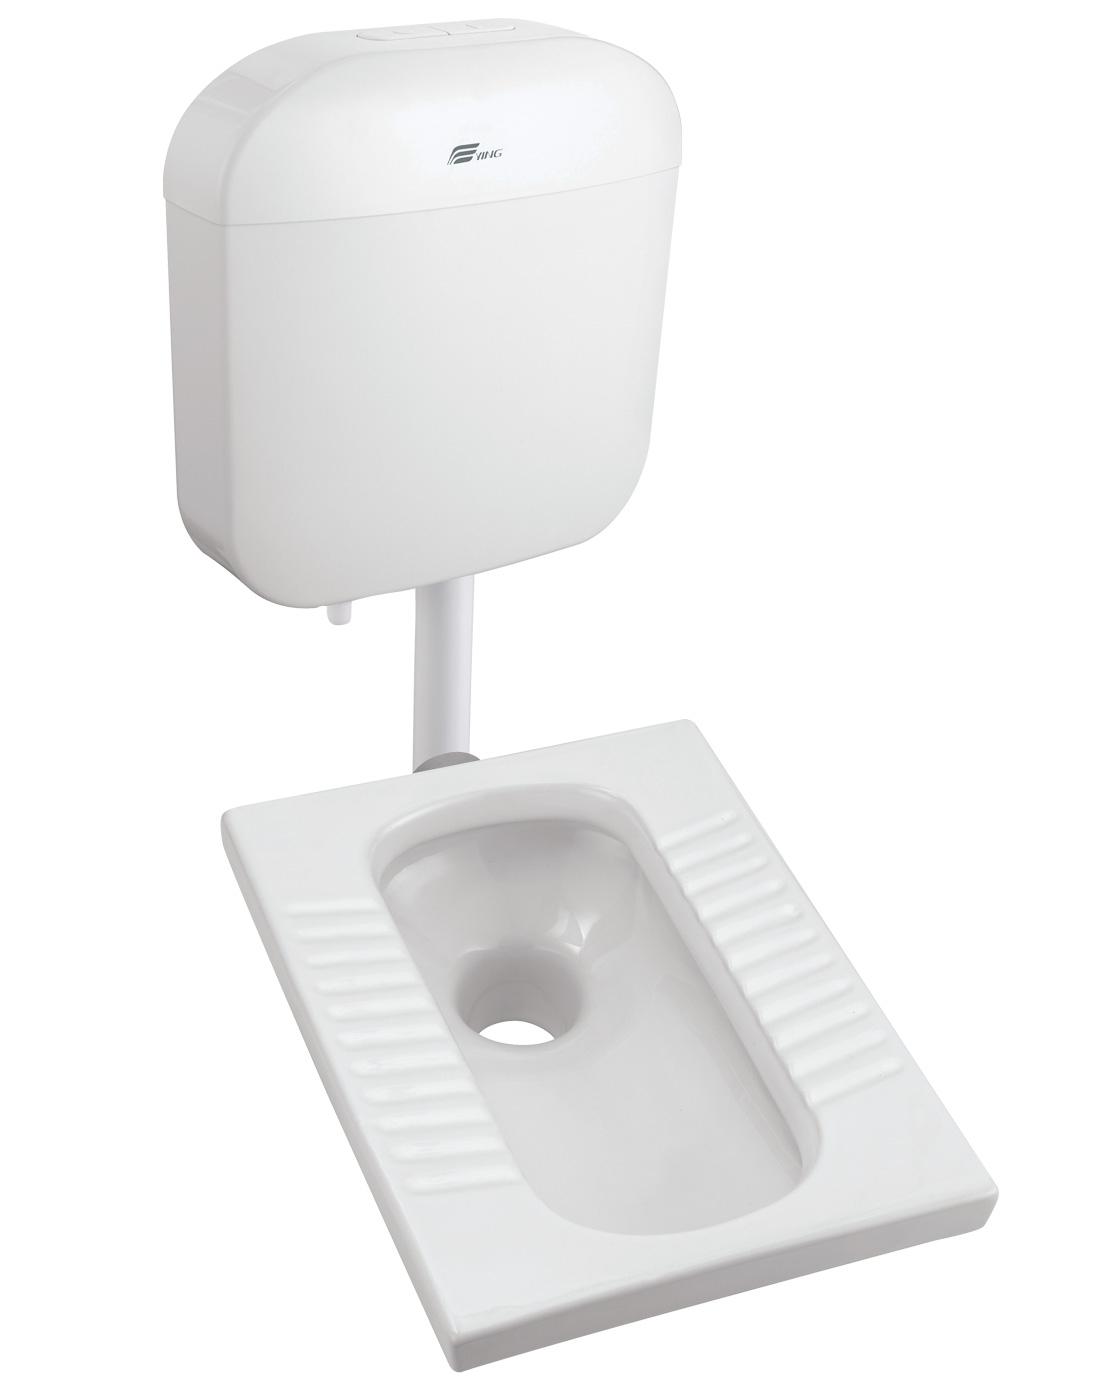 超节水蹲便器水箱组合(无存水弯)